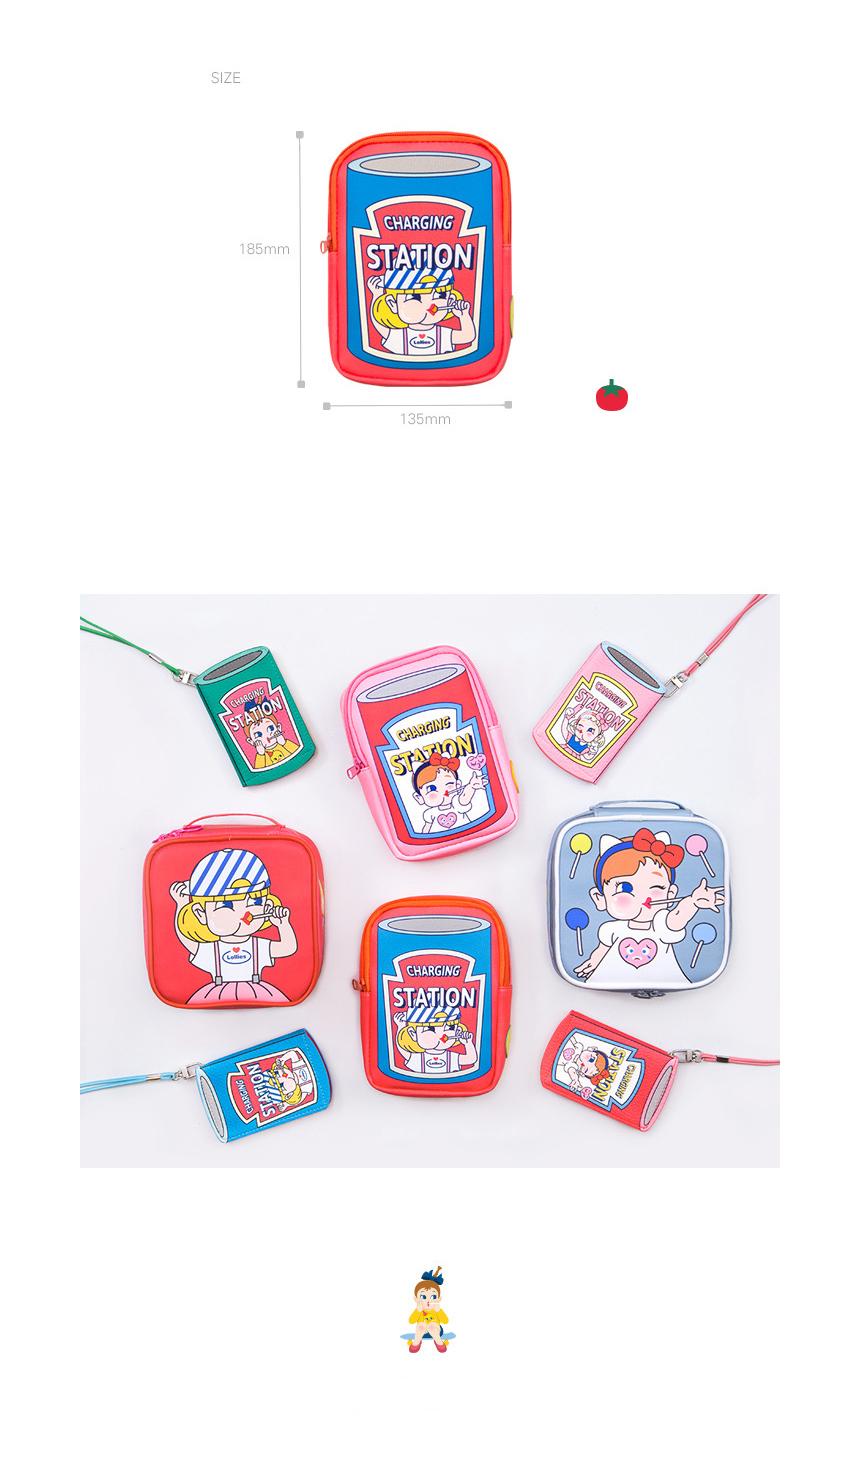 벤토이 롤리팝 보조배터리 파우치 - 251w, 9,000원, 다용도파우치, 지퍼형